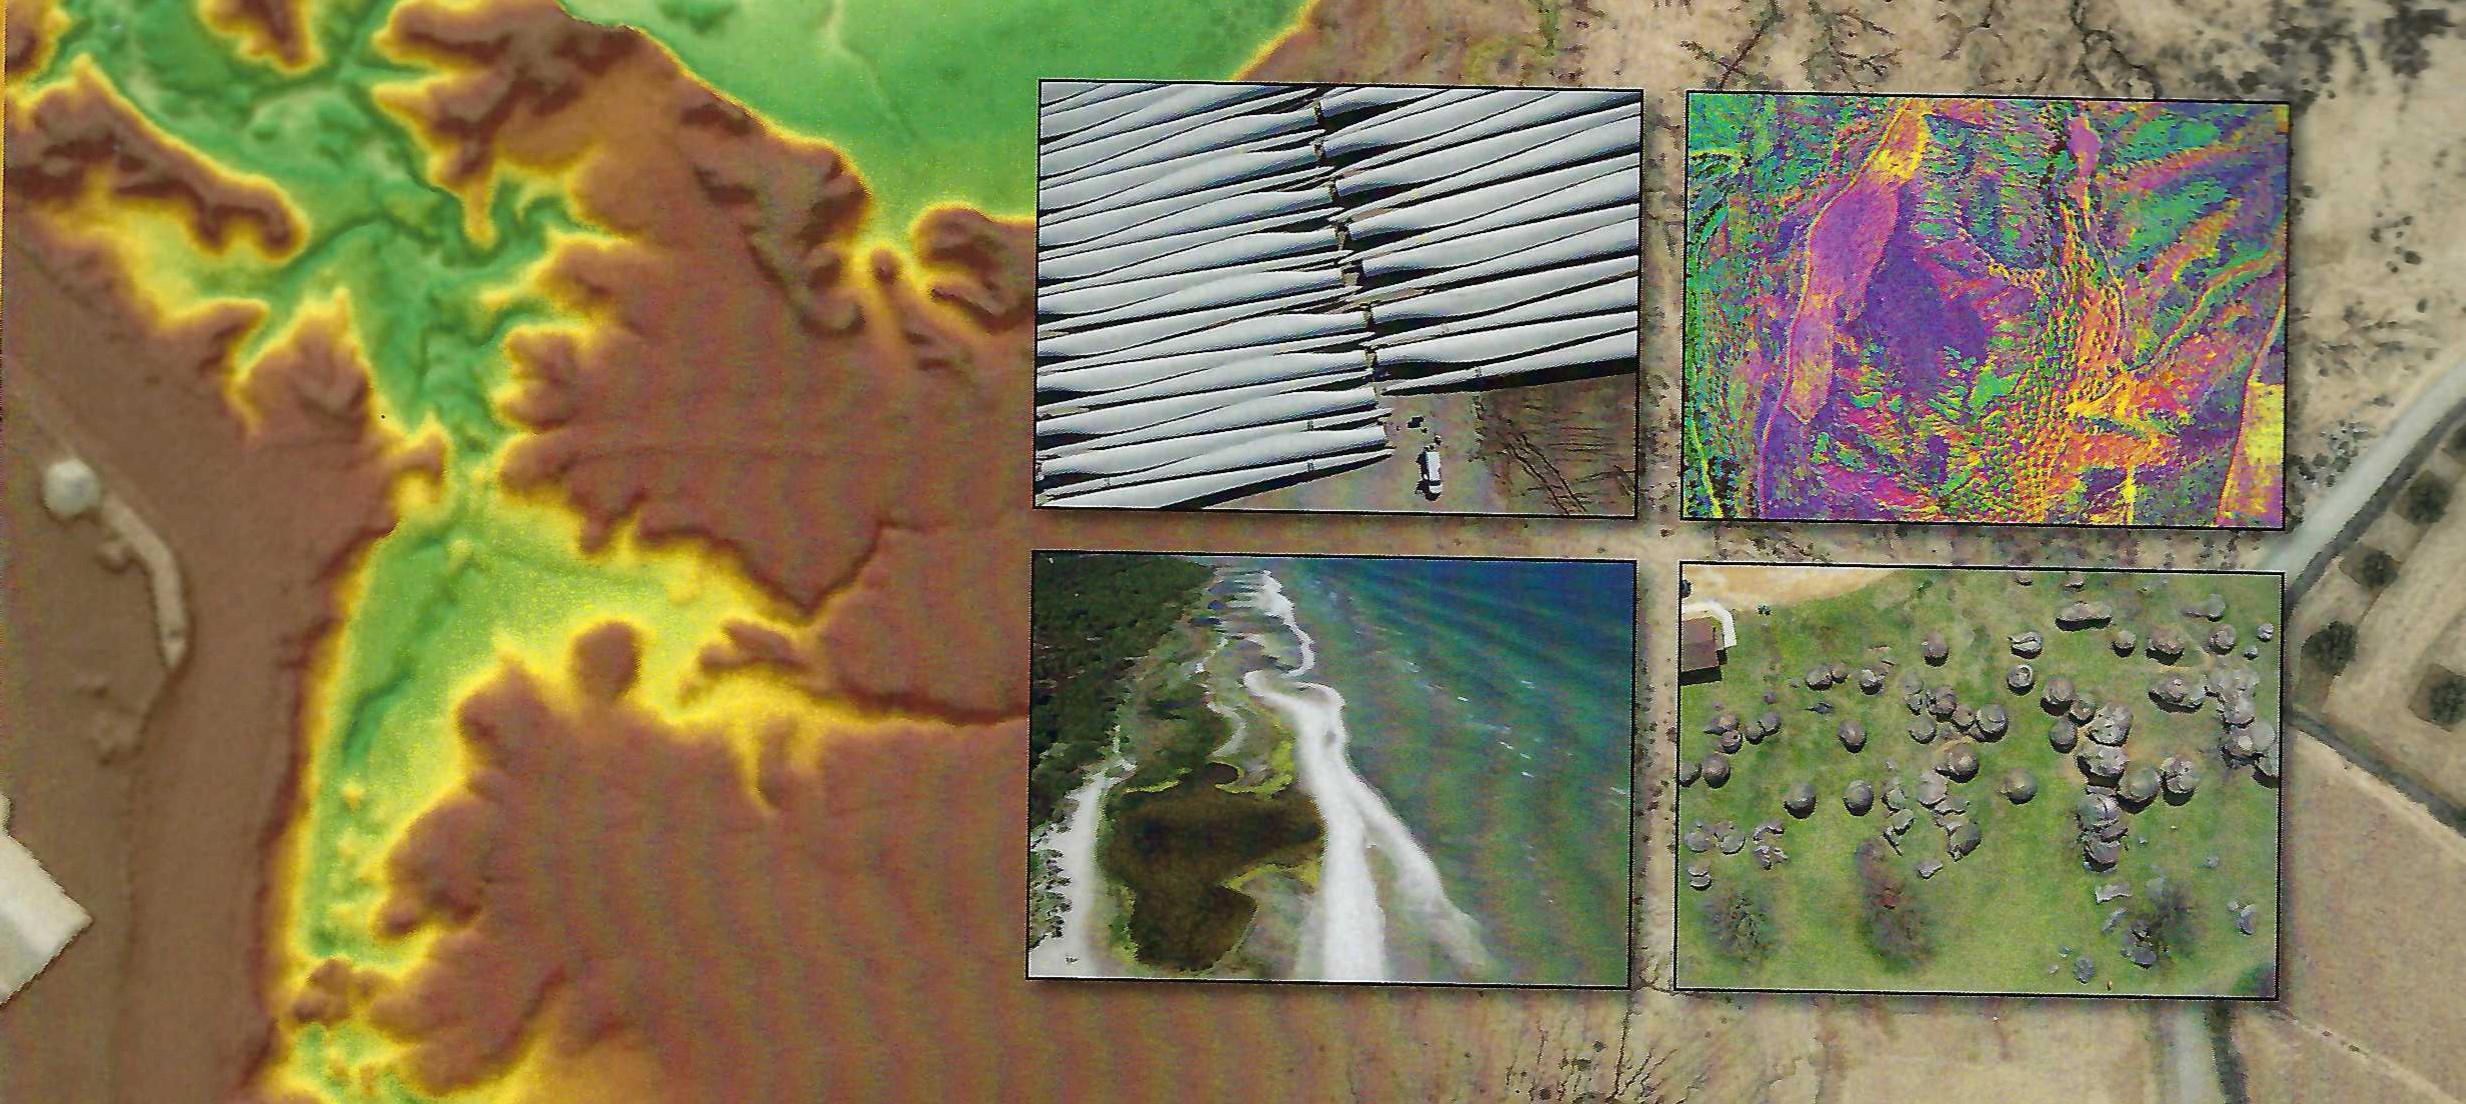 UAS-102   sUAS Photogrammetry